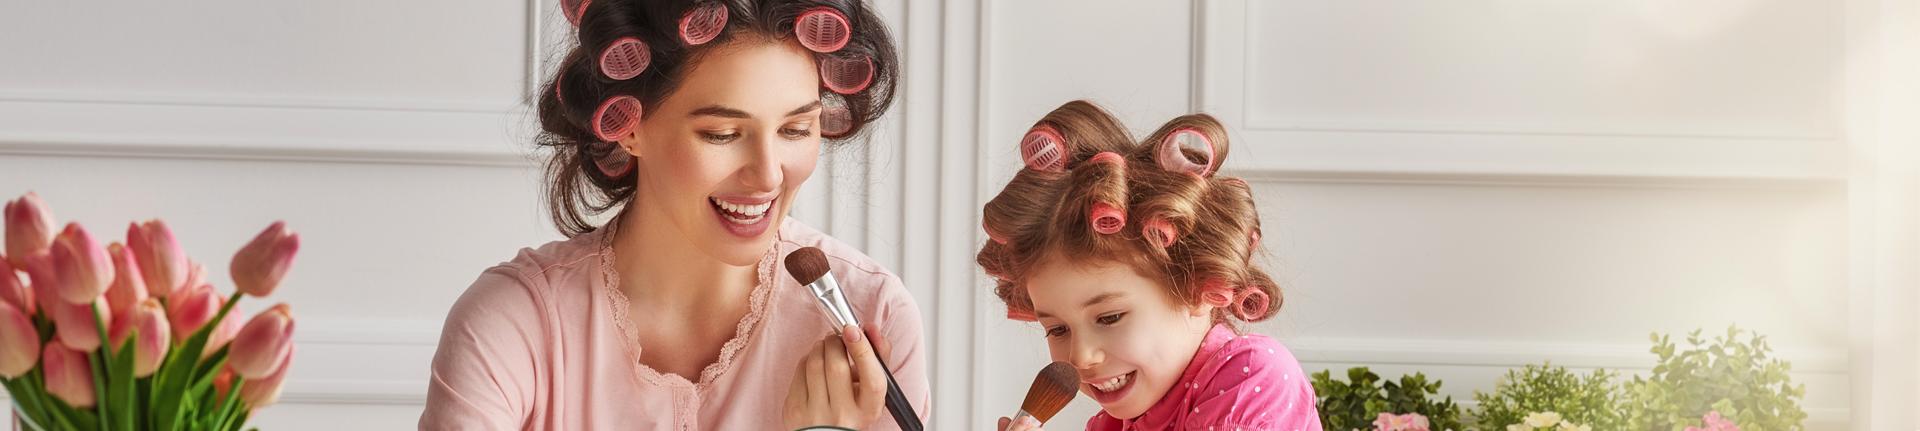 Cabelos em foco: dicas de penteados para mães de primeira viagem